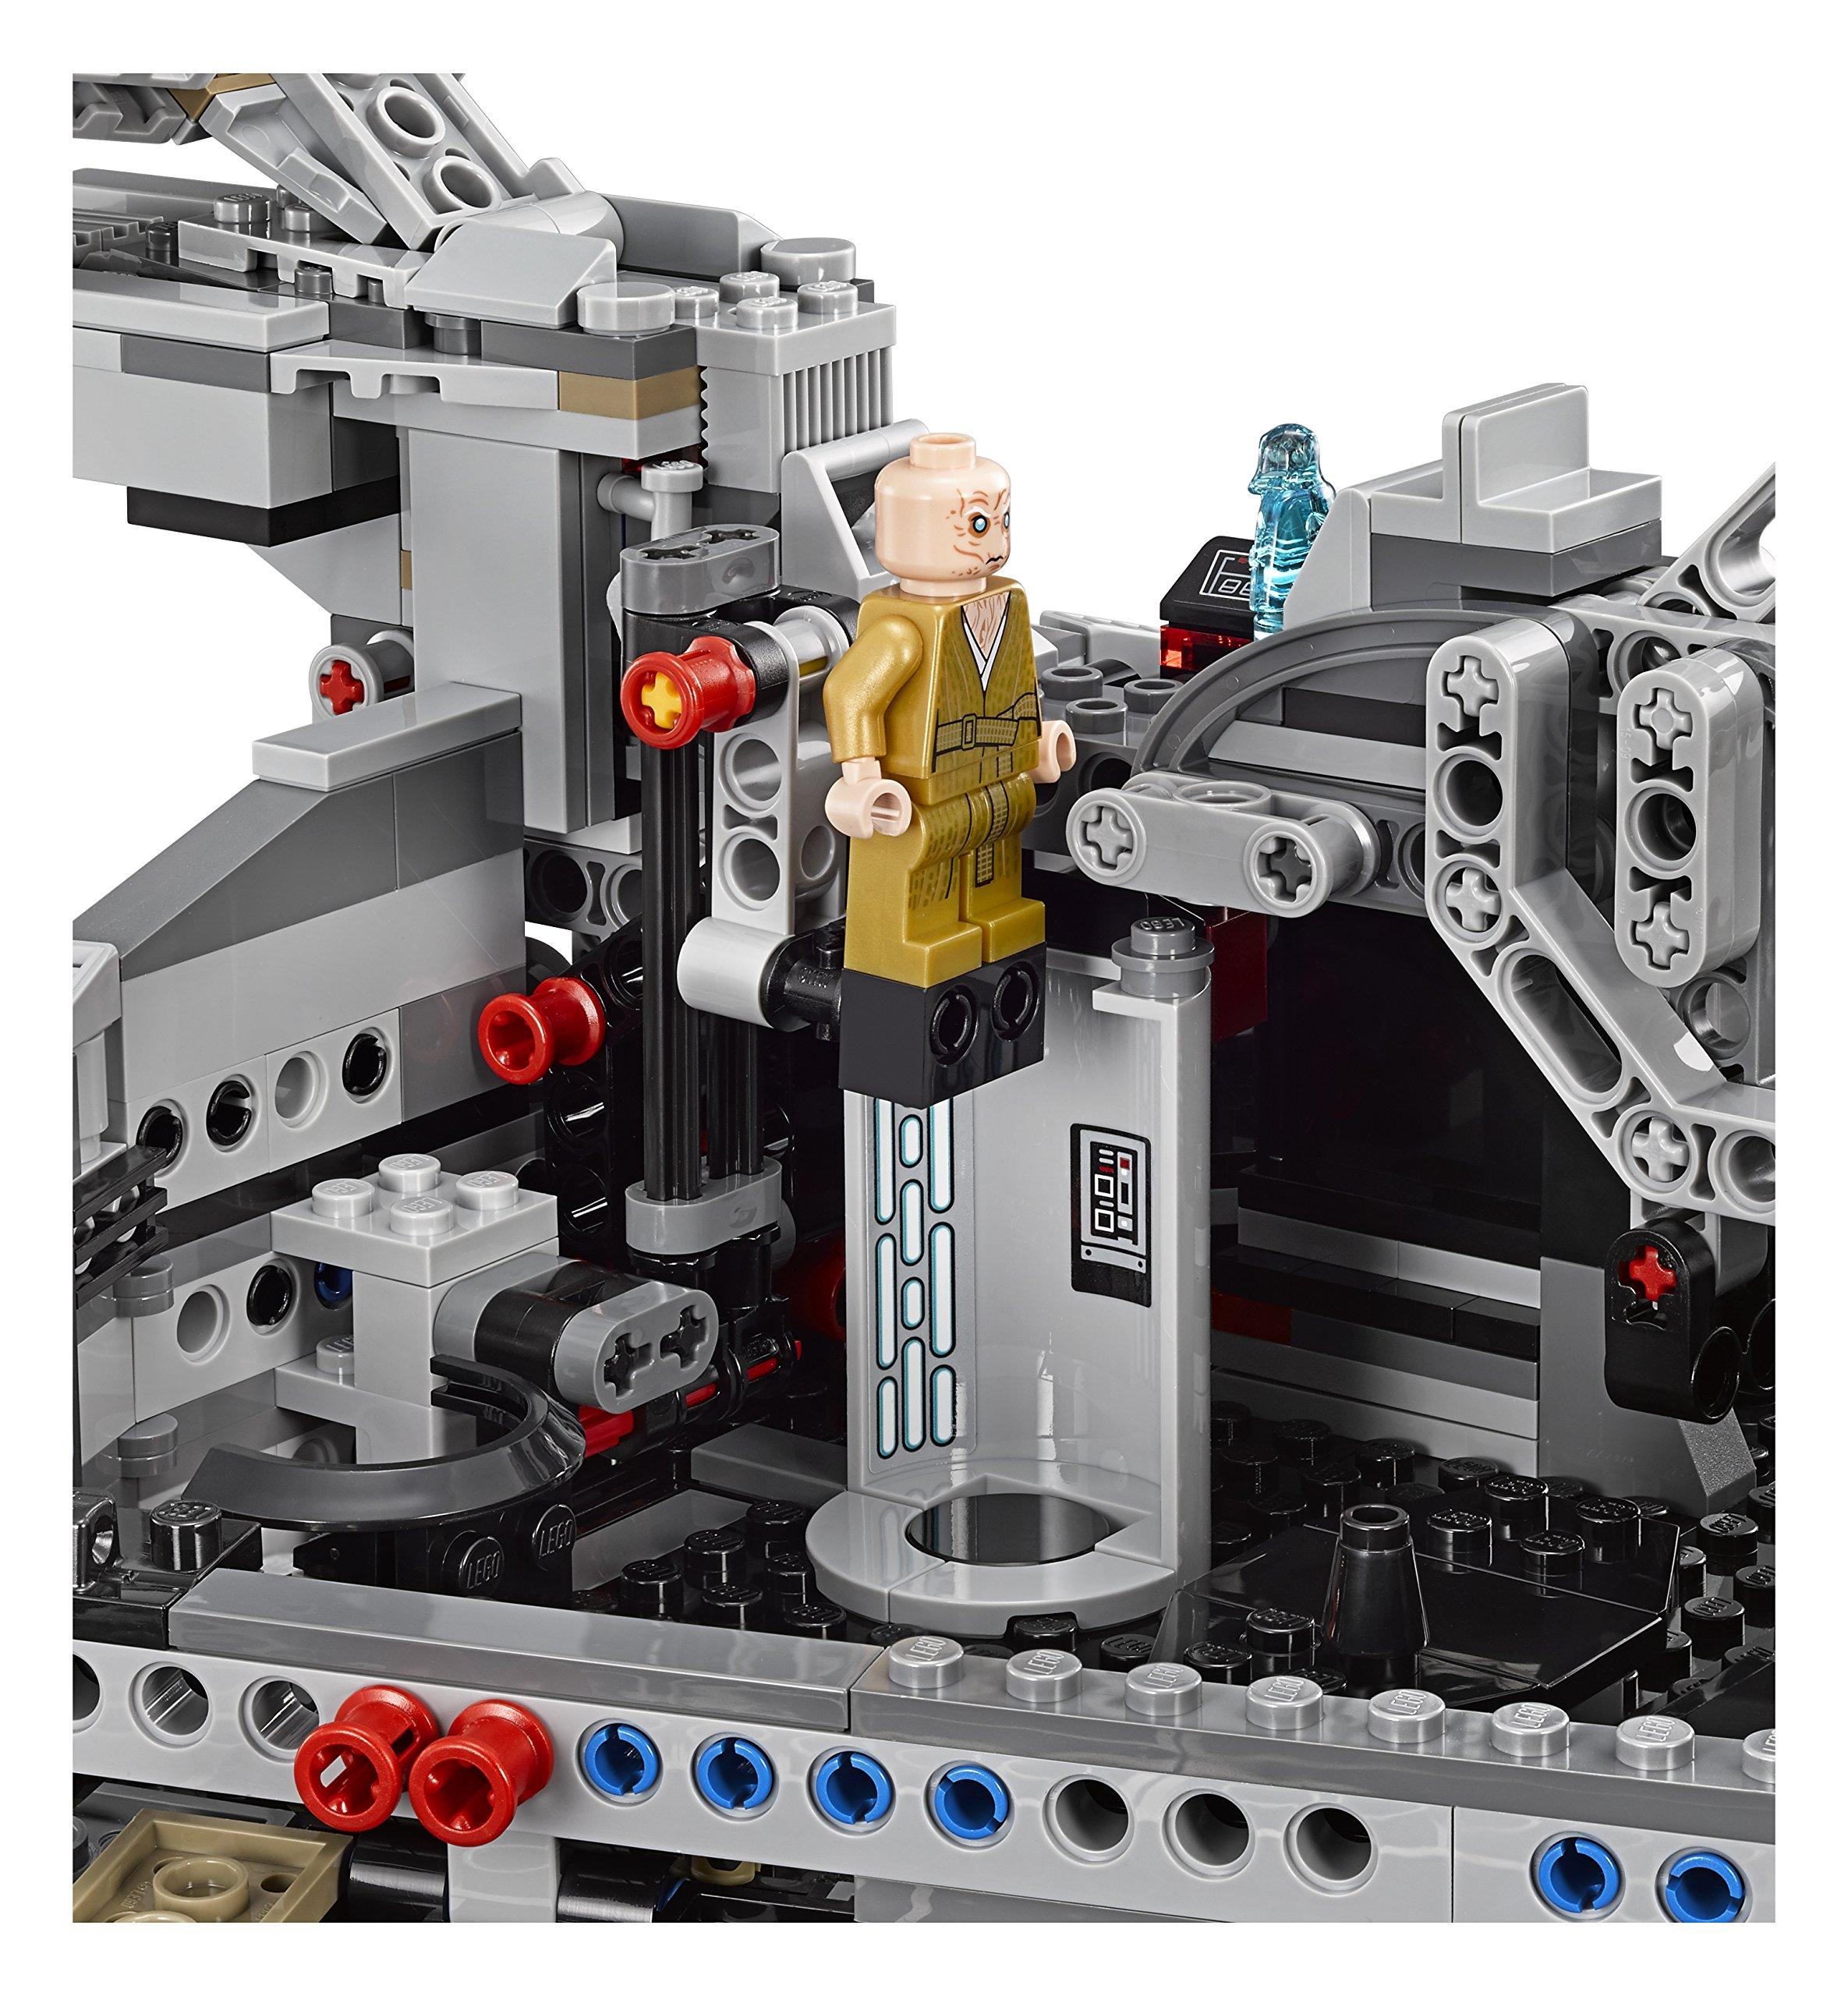 LEGO Star Wars VIII First Order Star Destroyer 75190 Building Kit (1416 Piece)